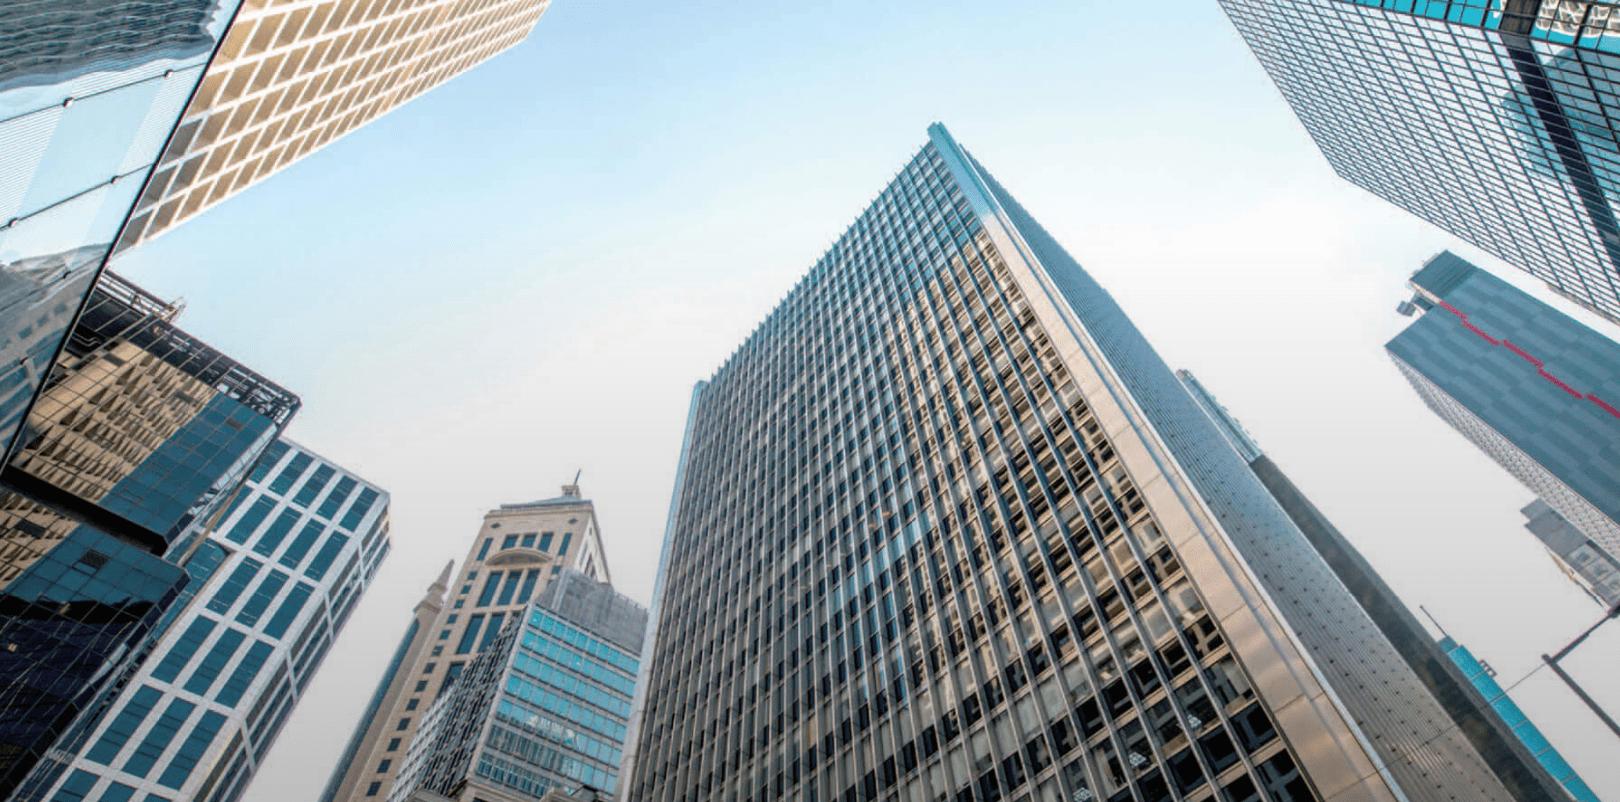 九龙仓置业去年亏损78.5亿港元,海港城收入下跌25%